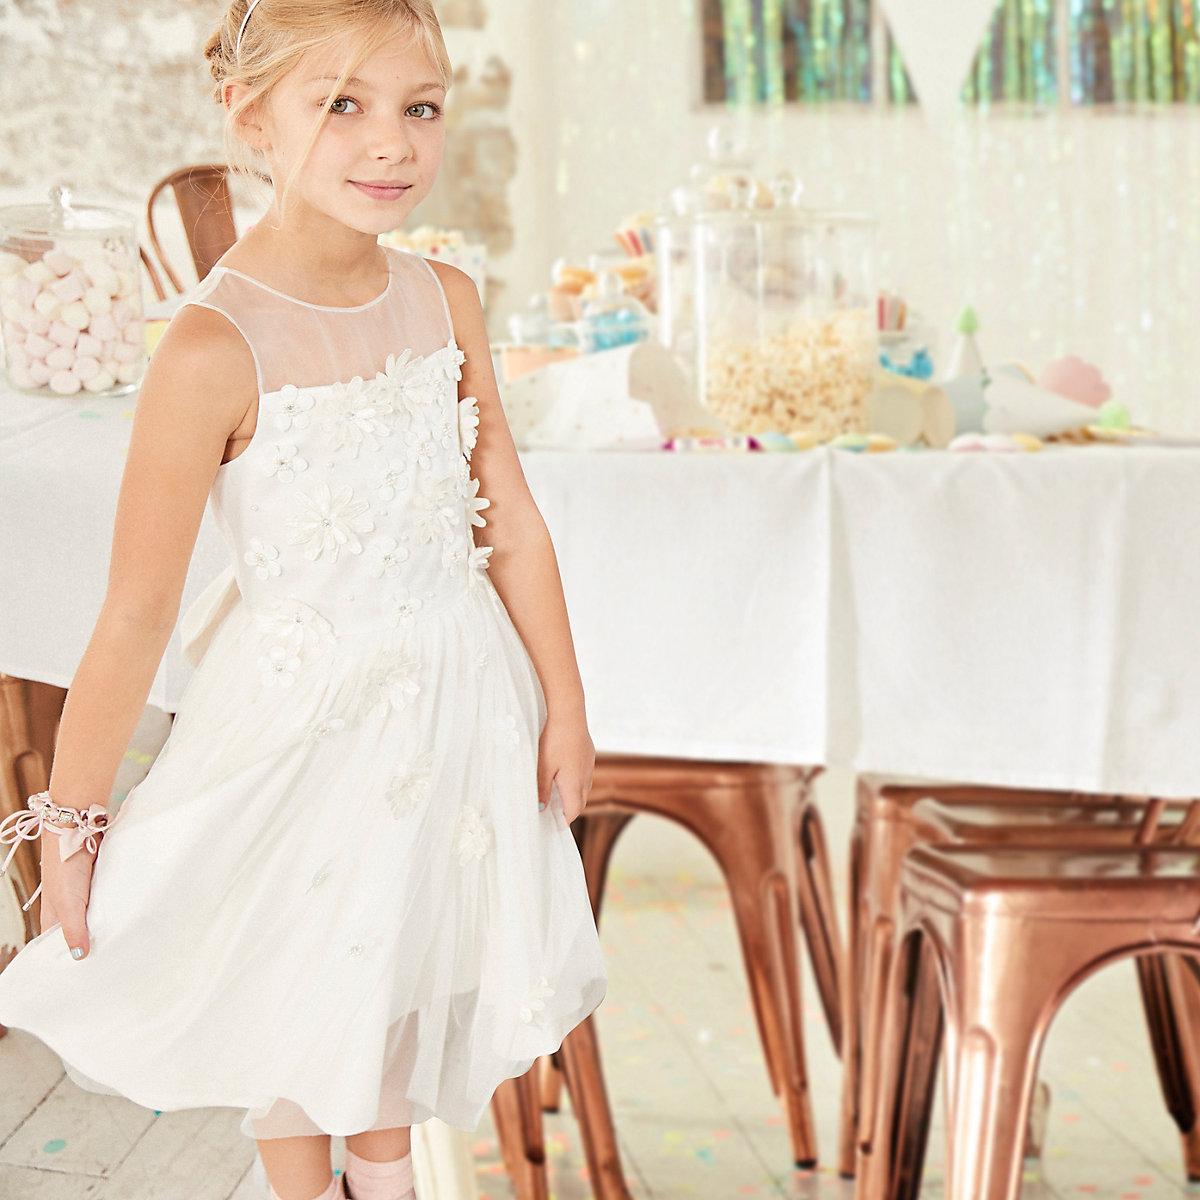 Weißes Kleid mit Tüllrock für Blumenmädchen